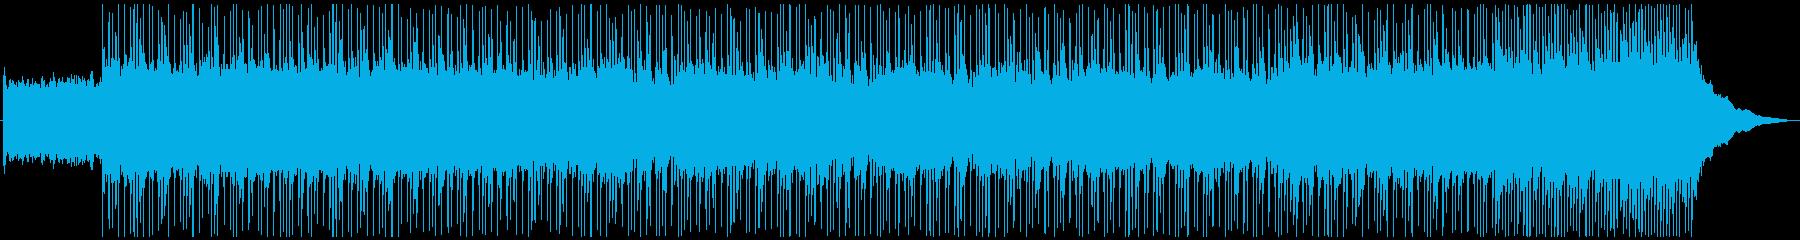 バトル系の熱血なハードロック曲の再生済みの波形